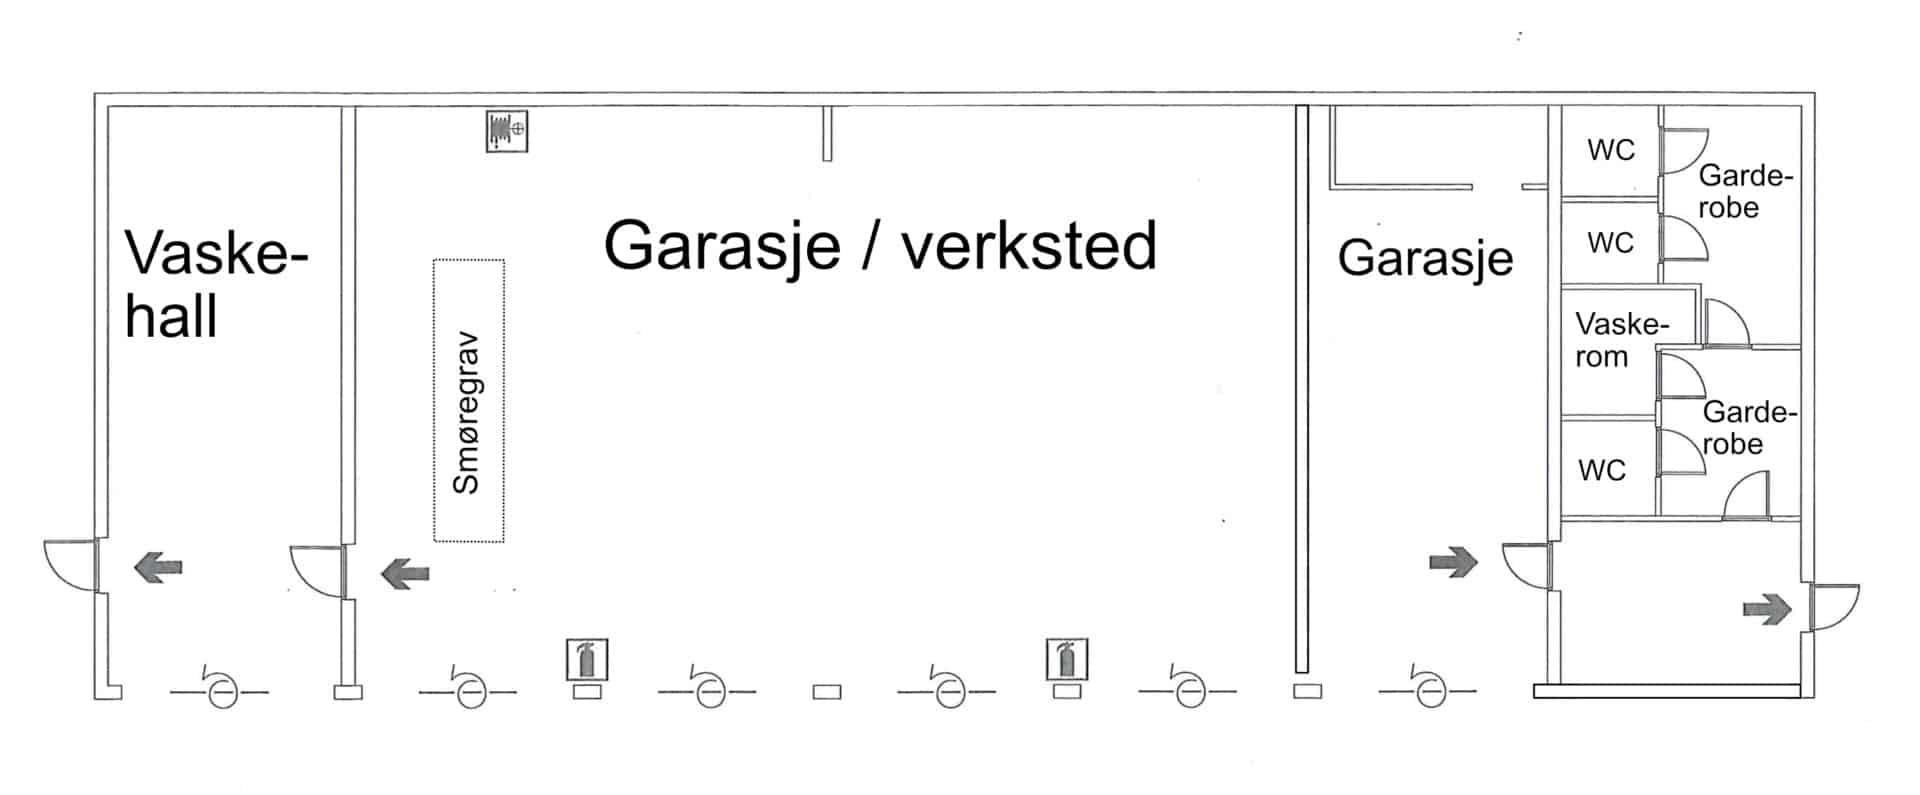 Garasjebygg til leie på Harestua